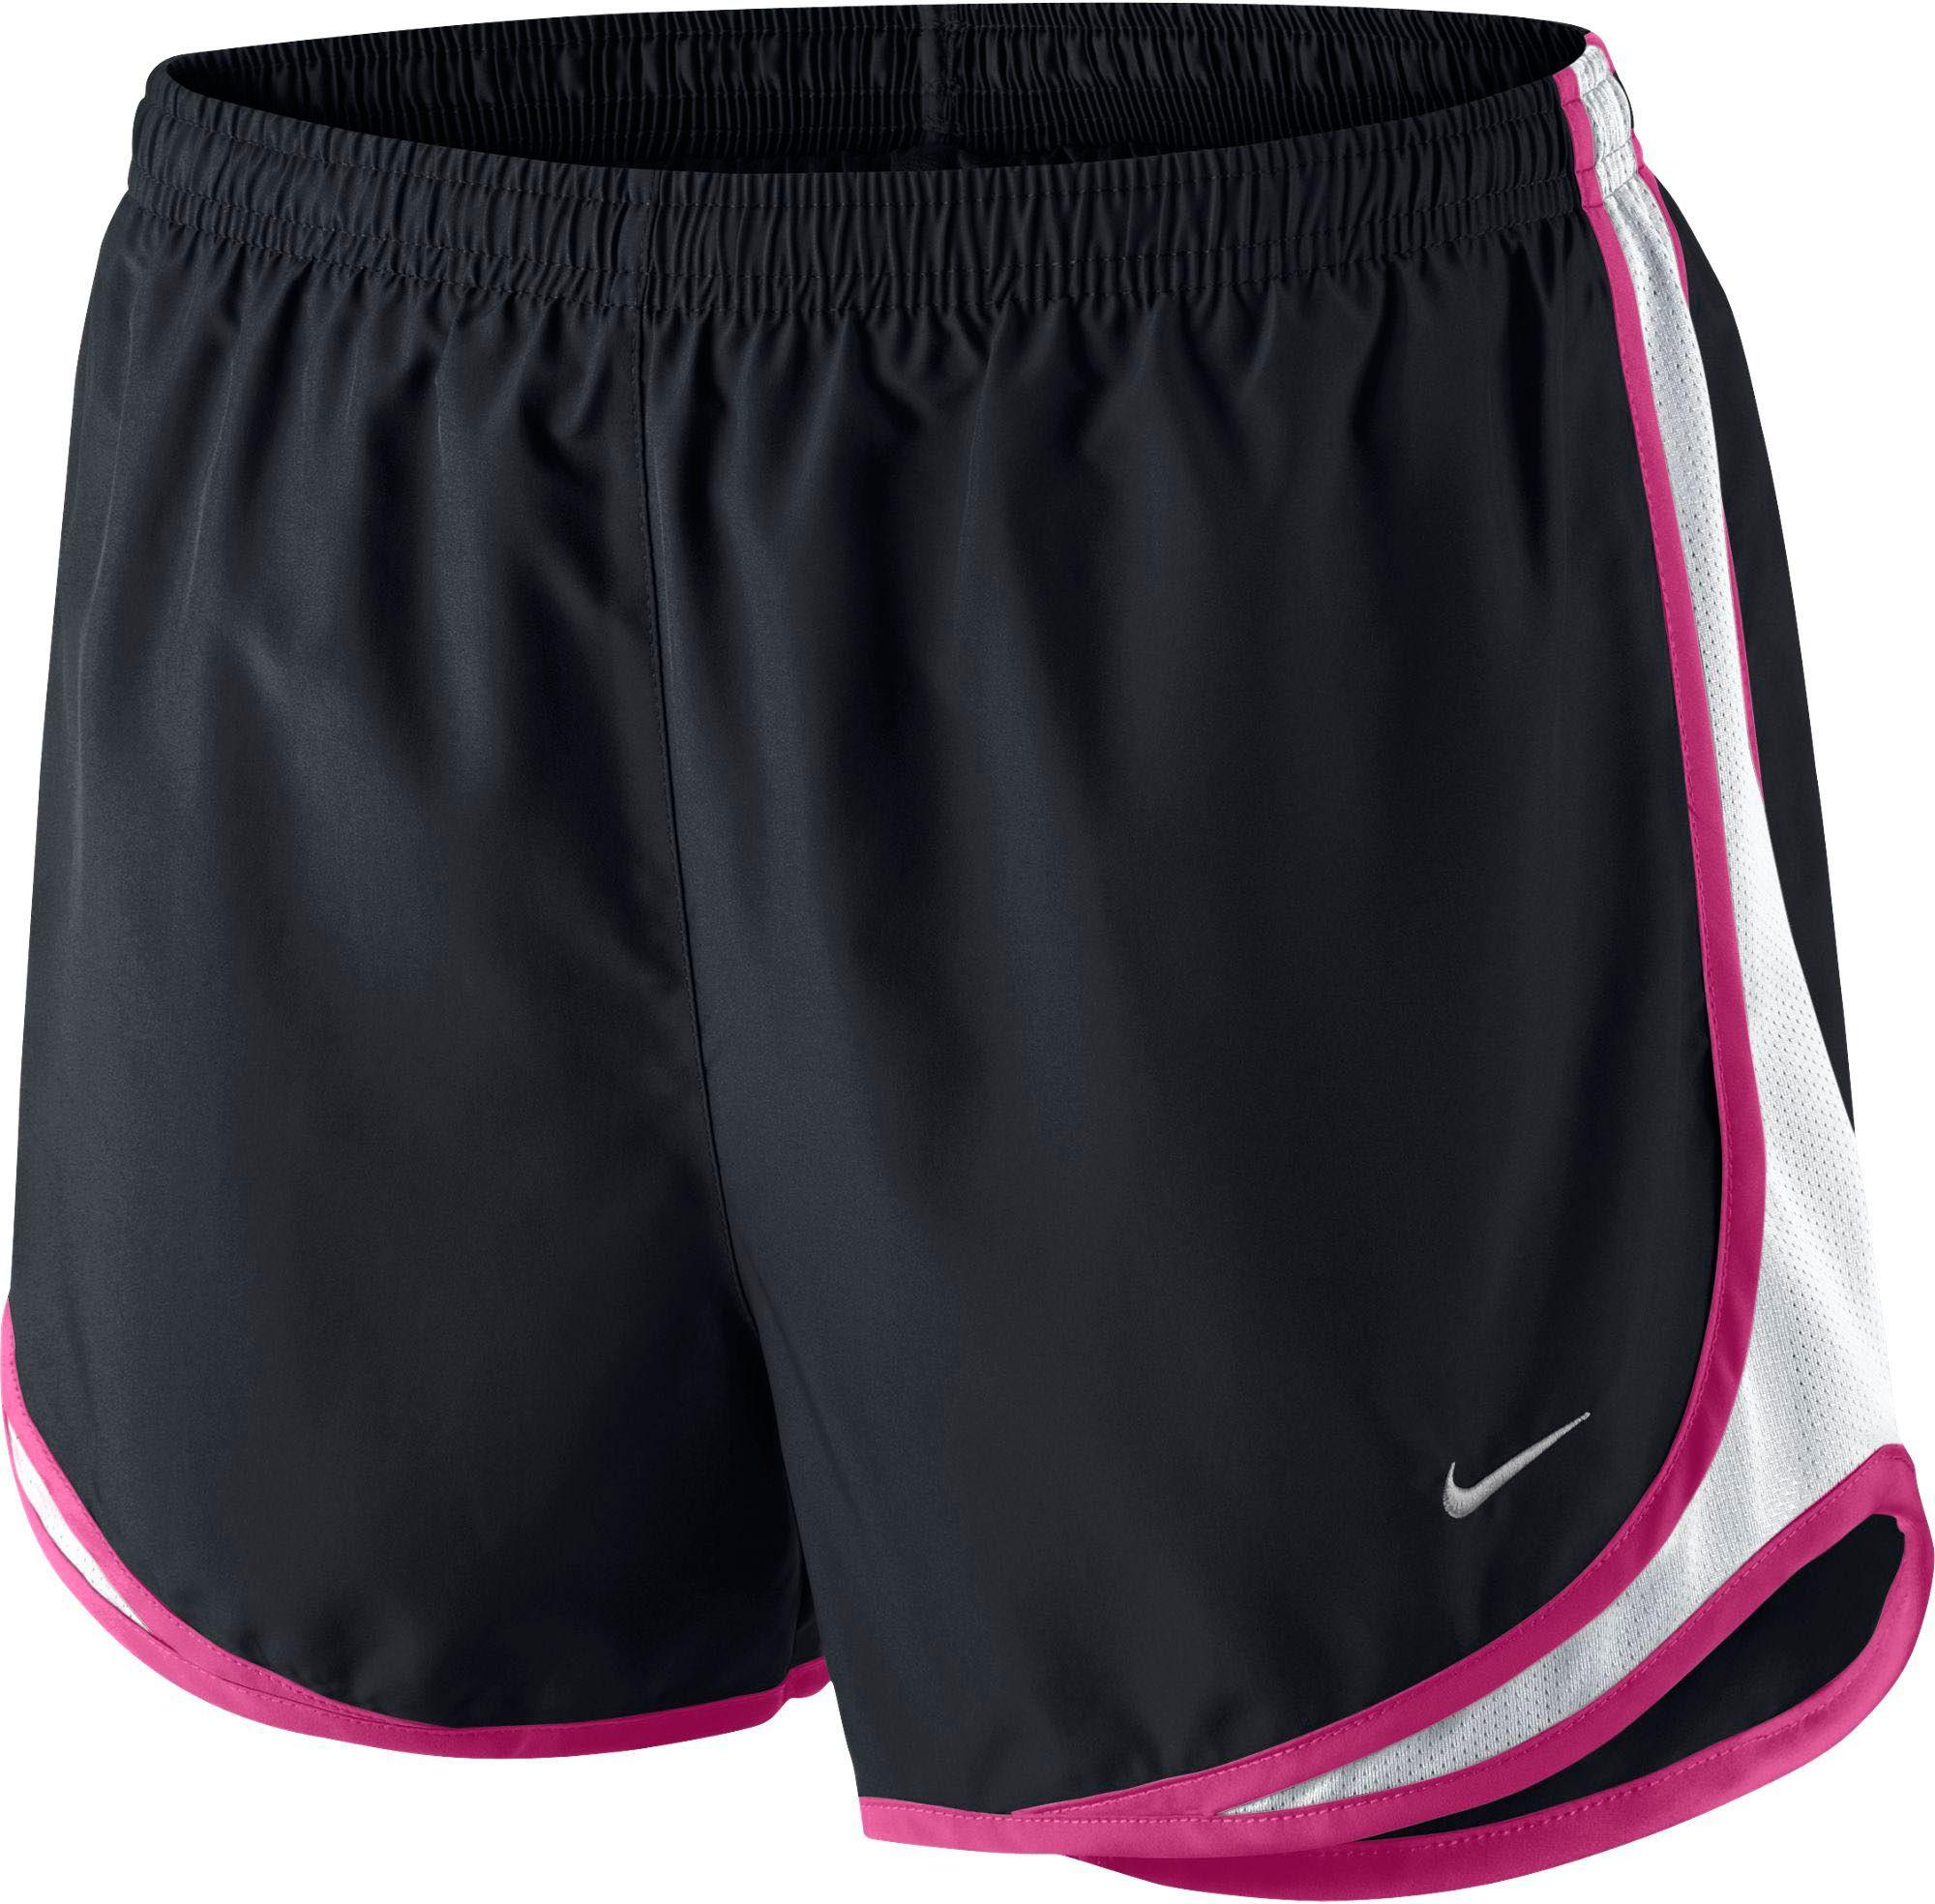 Mujeres Nike Tempo Baratos Pantalones Cortos RRsAuTuRgH